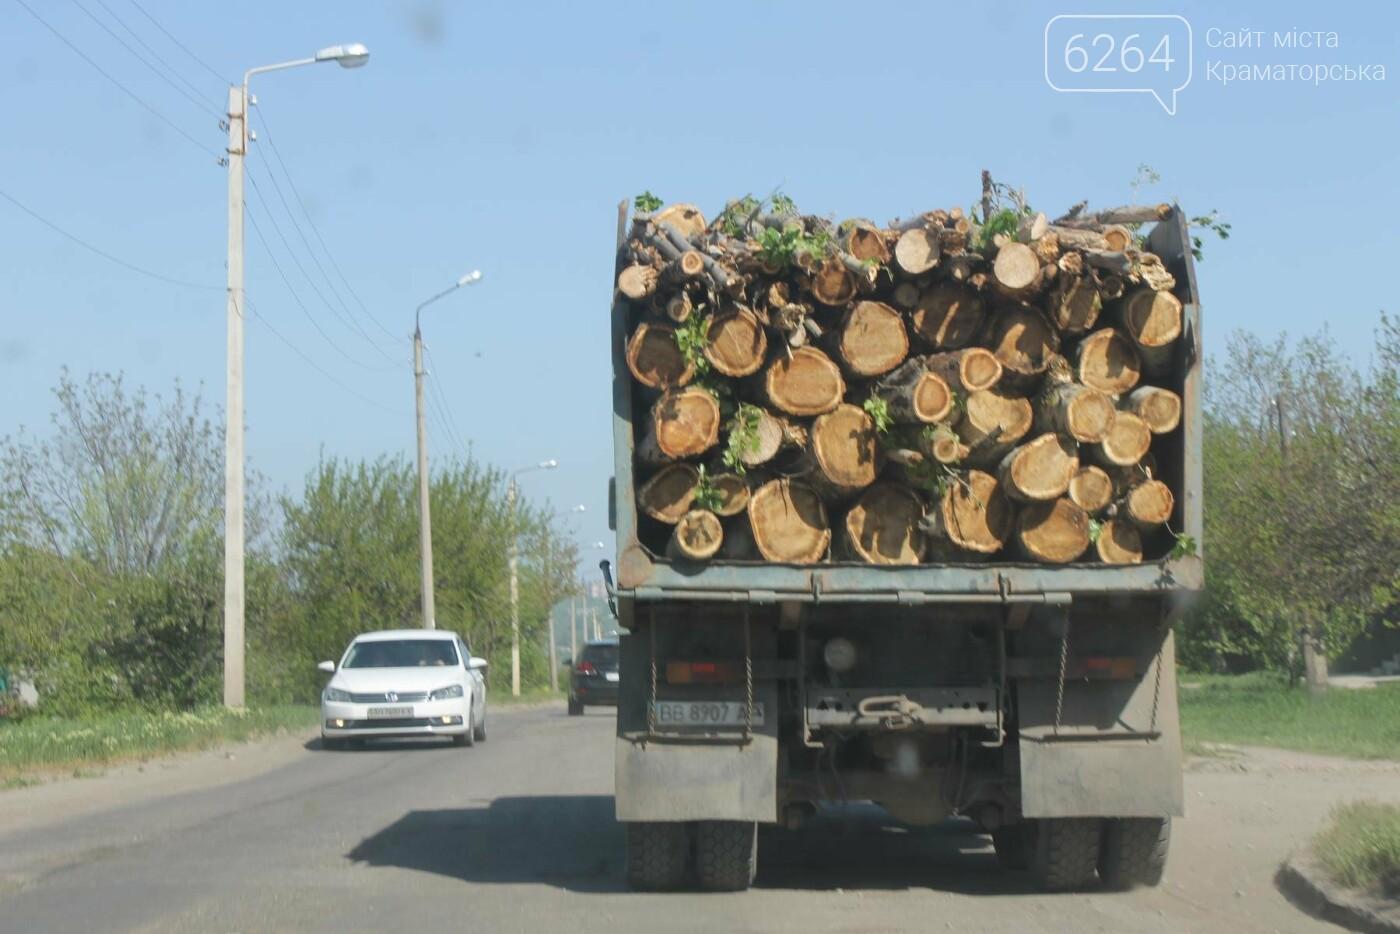 Опиловка близ Краматорска: непроглядный дым, вывоз отборного леса и скрытные «лесорубы», не знающие для кого и чего работают, фото-9